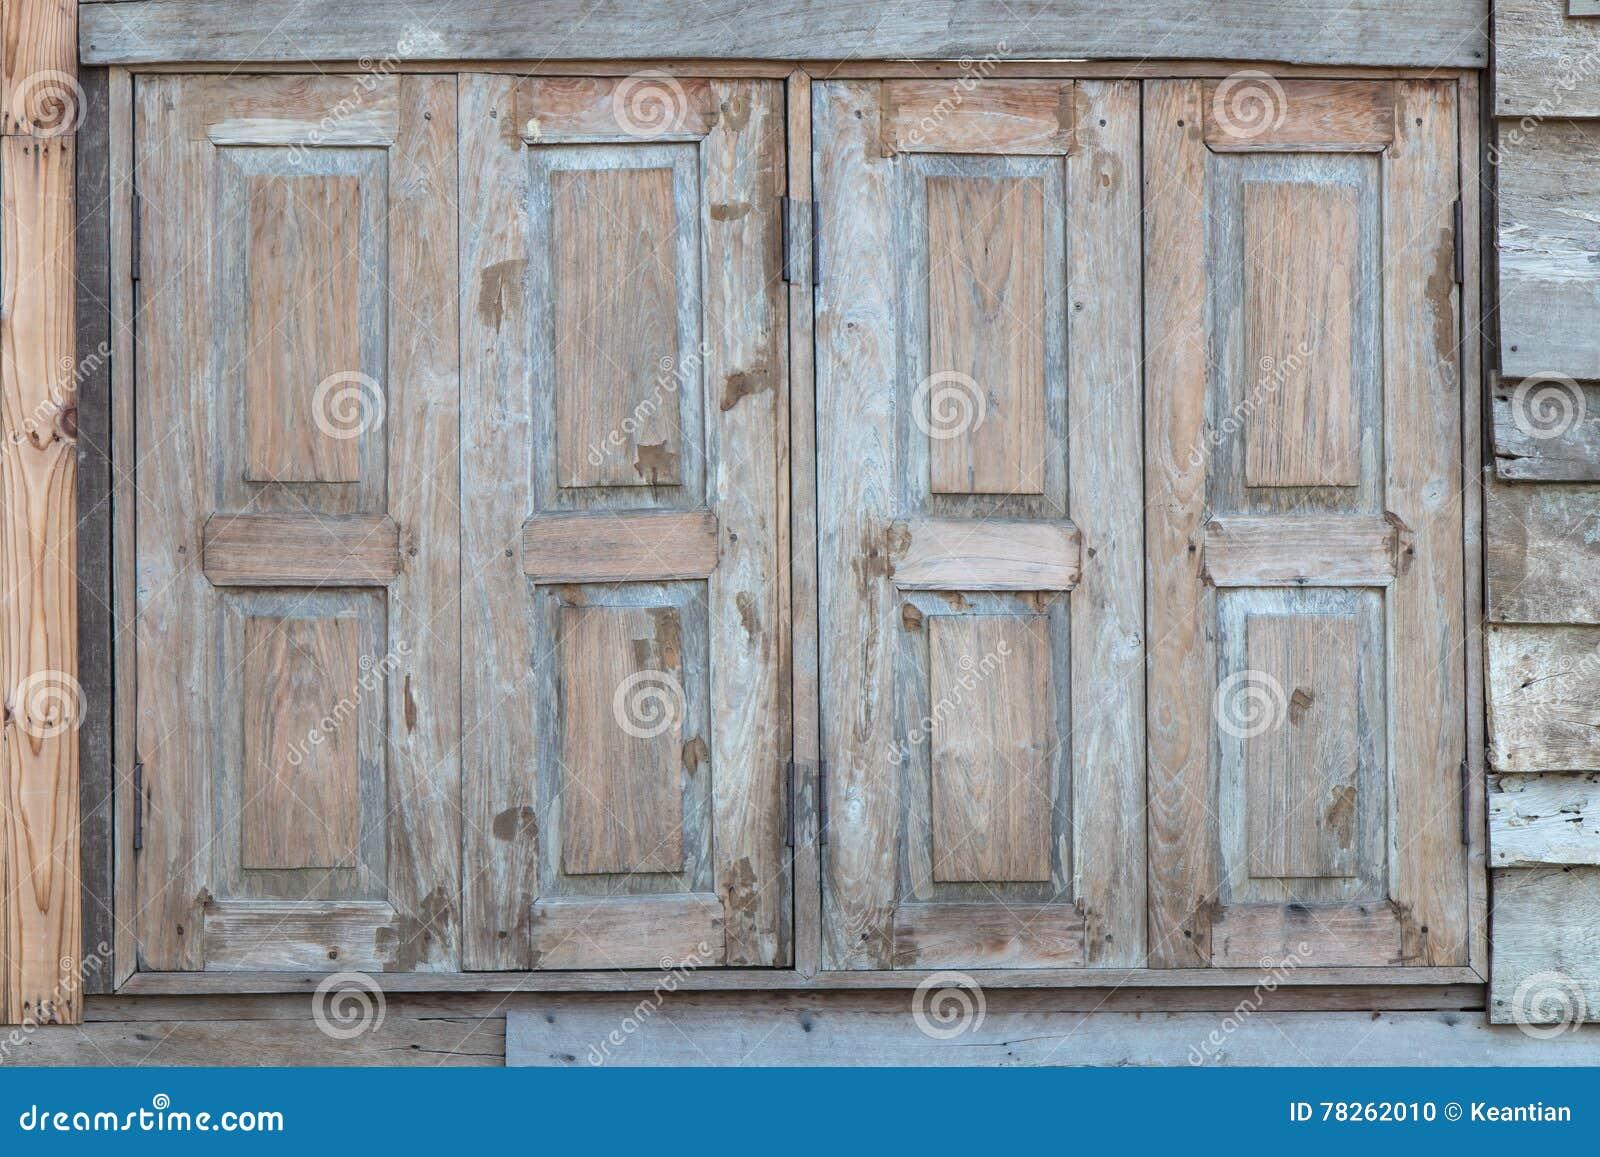 Porte e finestre di legno antiche fotografia stock immagine di retro nero 78262010 - Porte finestre legno ...